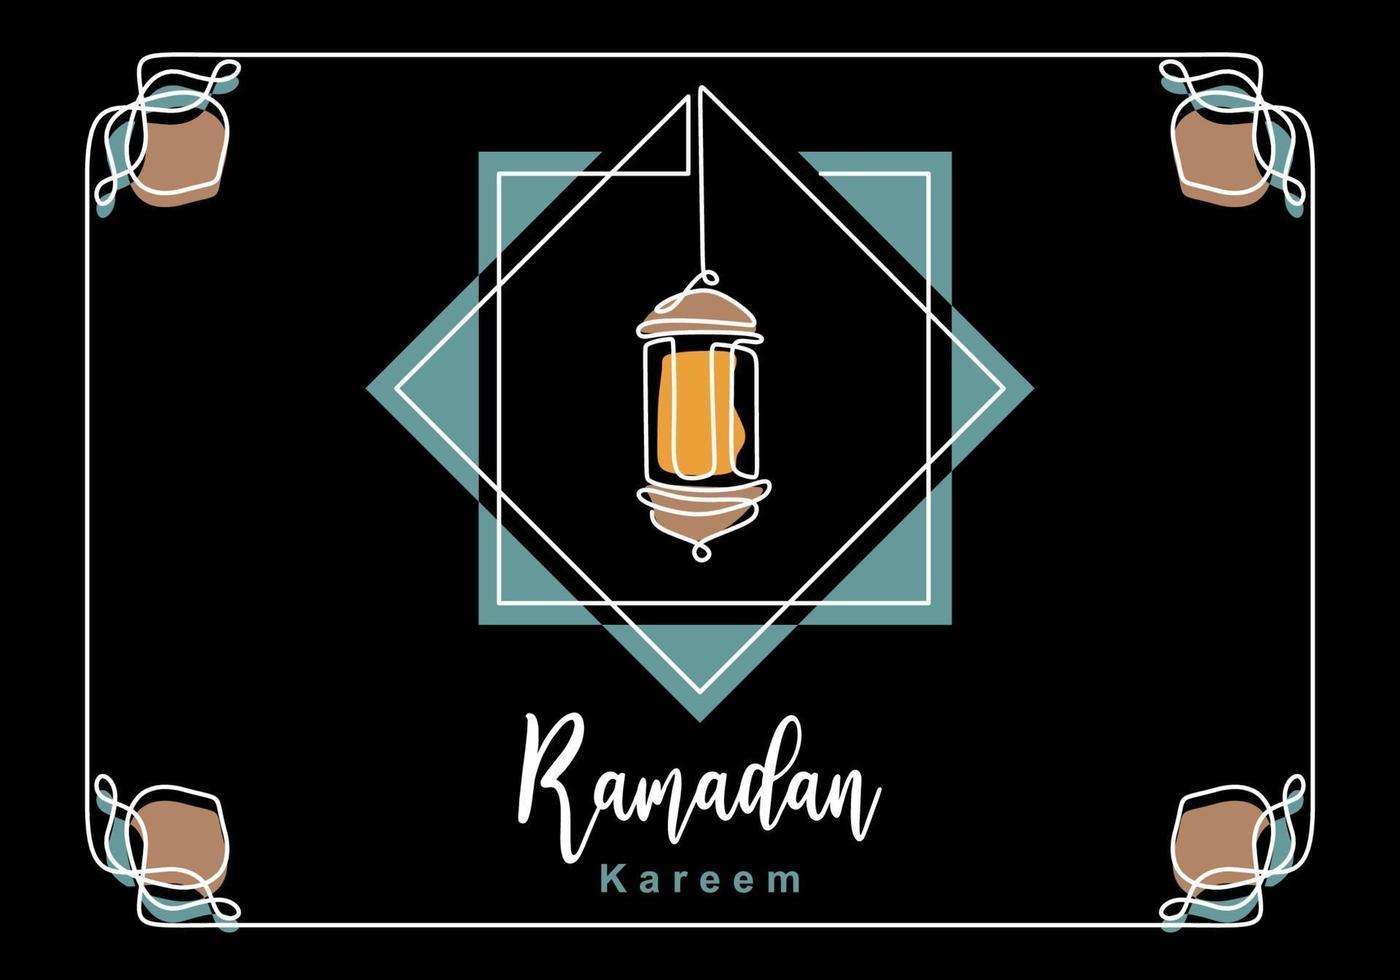 eid mubarak cartão clássico de luxo com lanterna tradicional isolada no fundo preto. mão desenhando um projeto de linha contínua de ramadan kareem. celebração do povo muçulmano. vetor